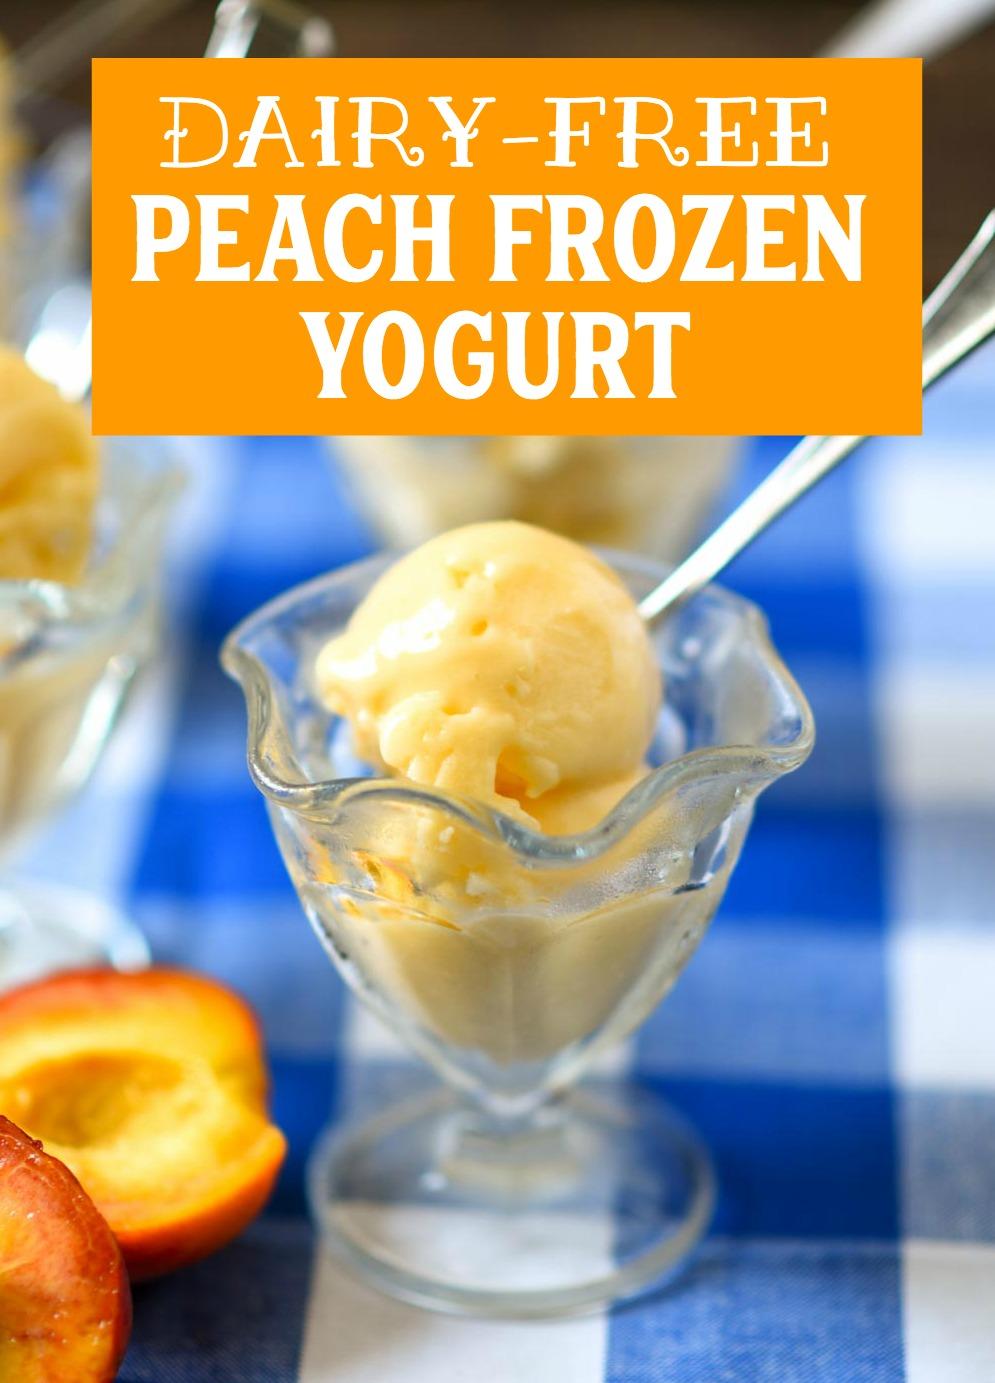 Dairy-Free Peach Frozen Yogurt